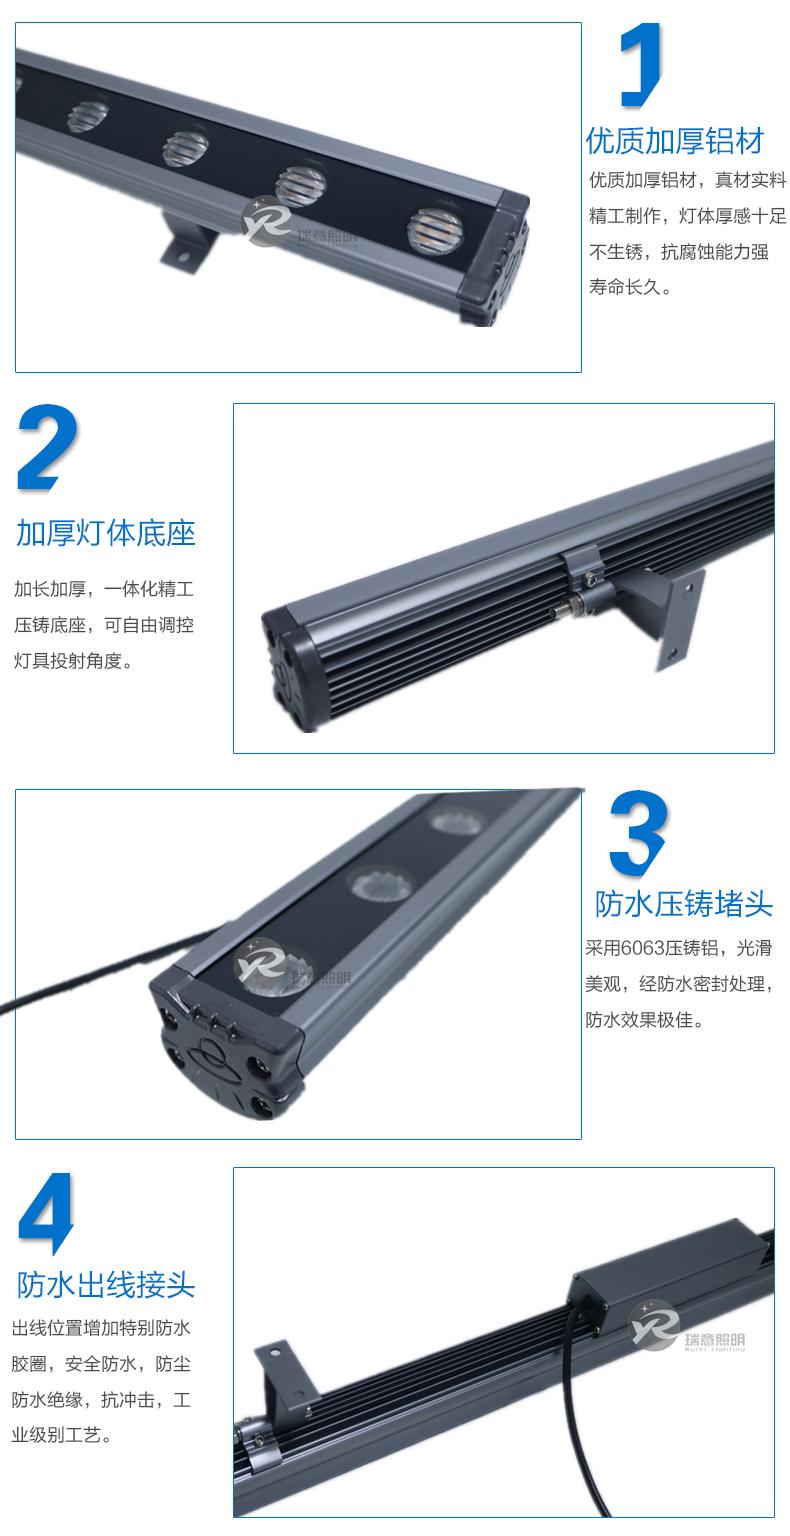 18-24W电源外置LED洗墙灯45*35实拍图